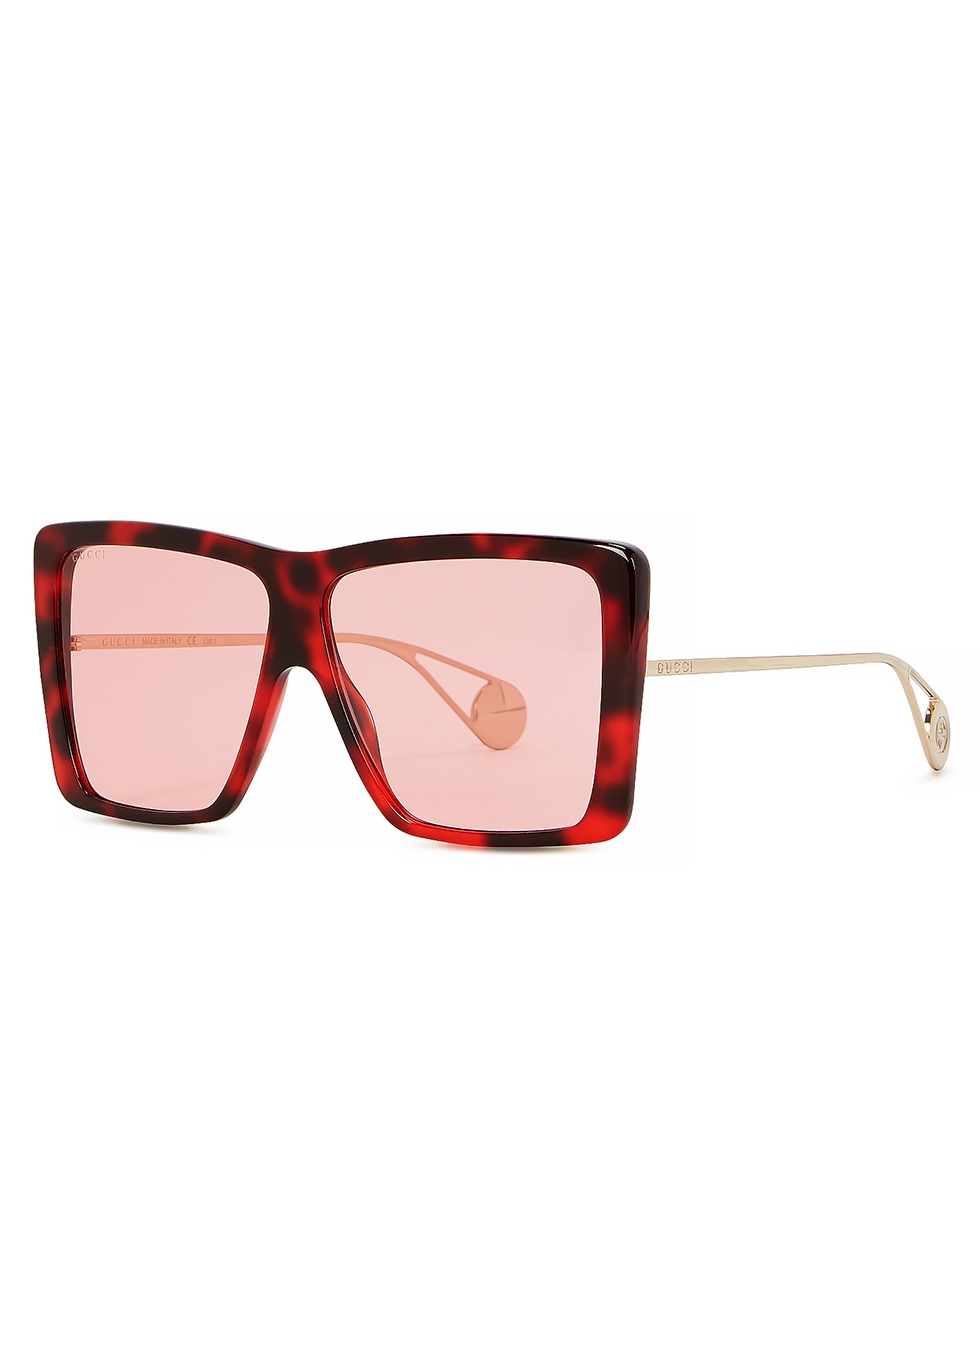 GUCCI   Gucci Pink Tortoiseshell Oversized Sunglasses   Goxip